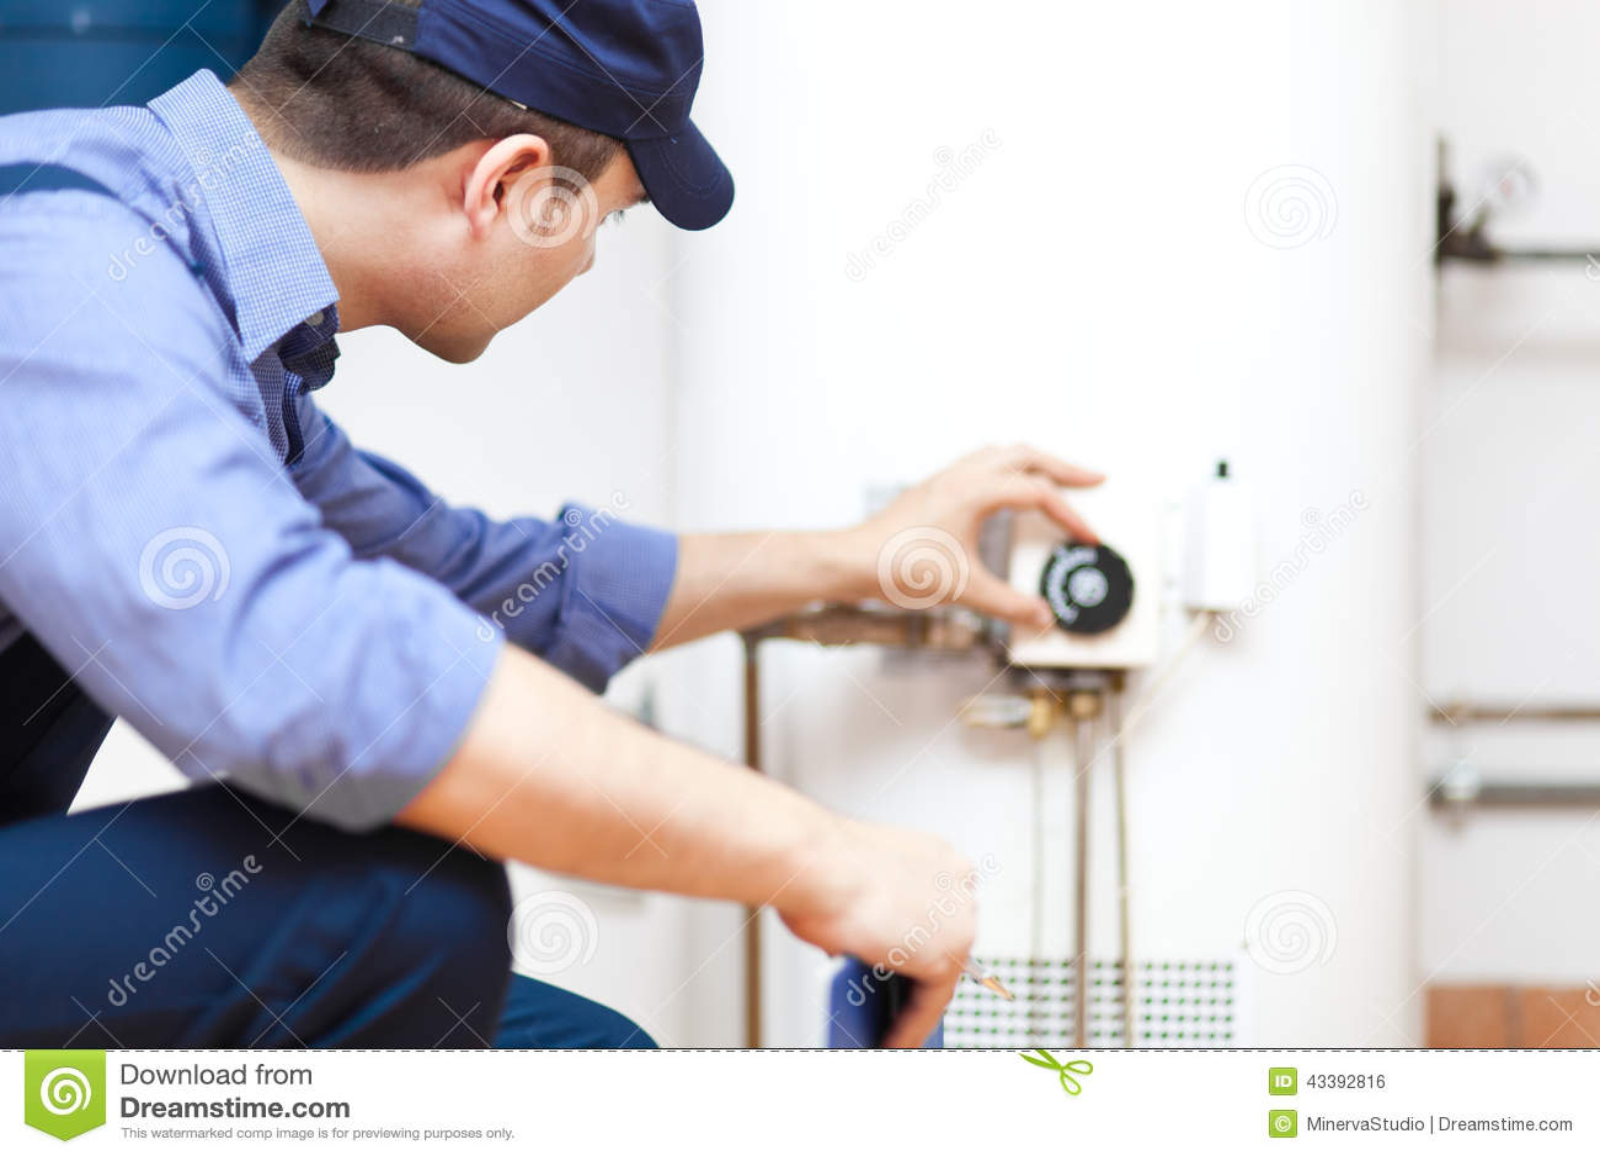 Encanador que repara um calefator de água quente